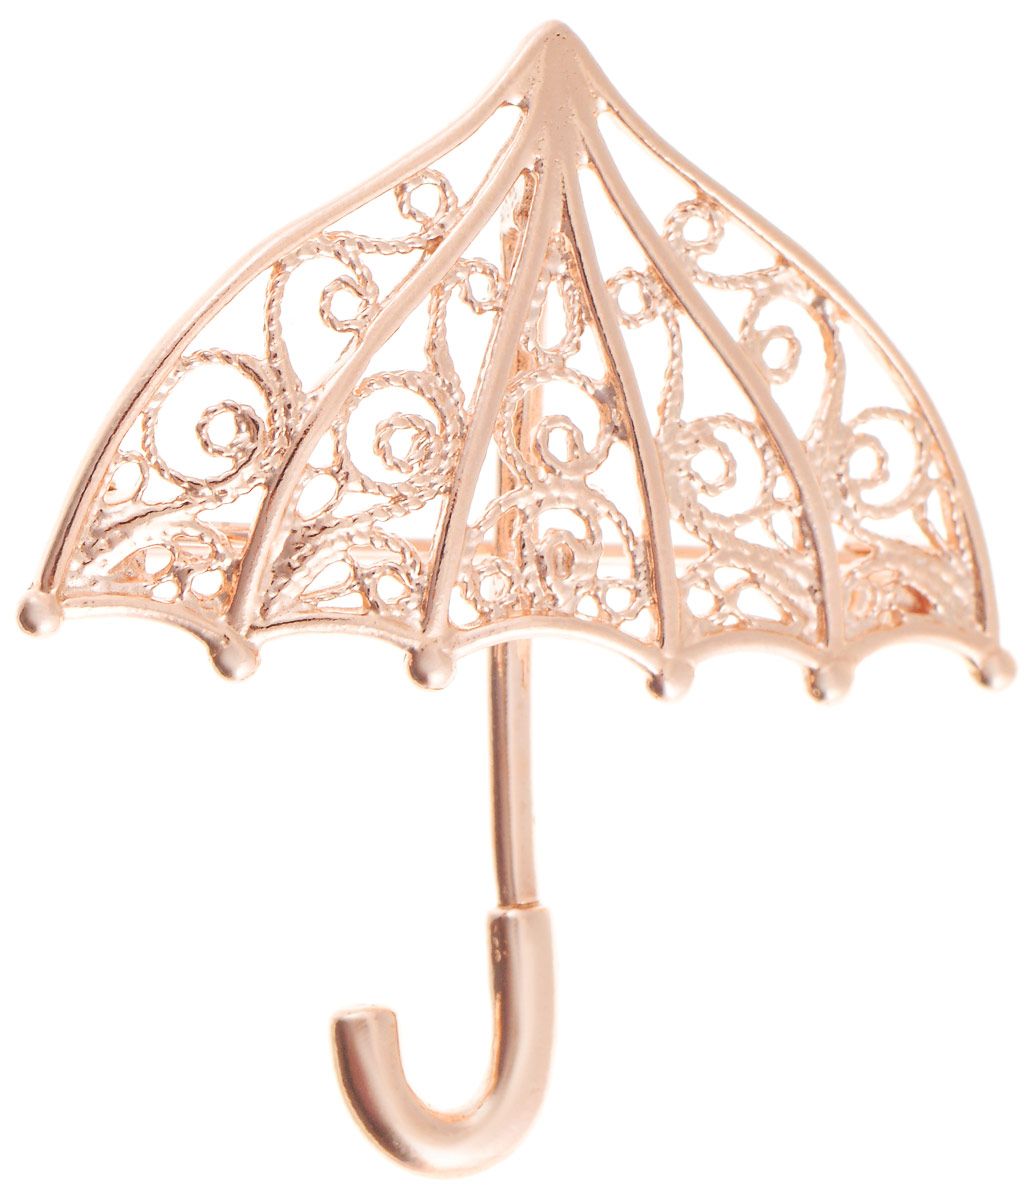 Брошь Vittorio Richi, цвет: золотистый. 91557702vrБрошь-булавкаБрошь Vittorio Richi изготовлена из металла с гальваническим покрытием из золота. Декоративный элемент выполнен в виде зонта. Изделие застегивается с помощью замка-булавки.